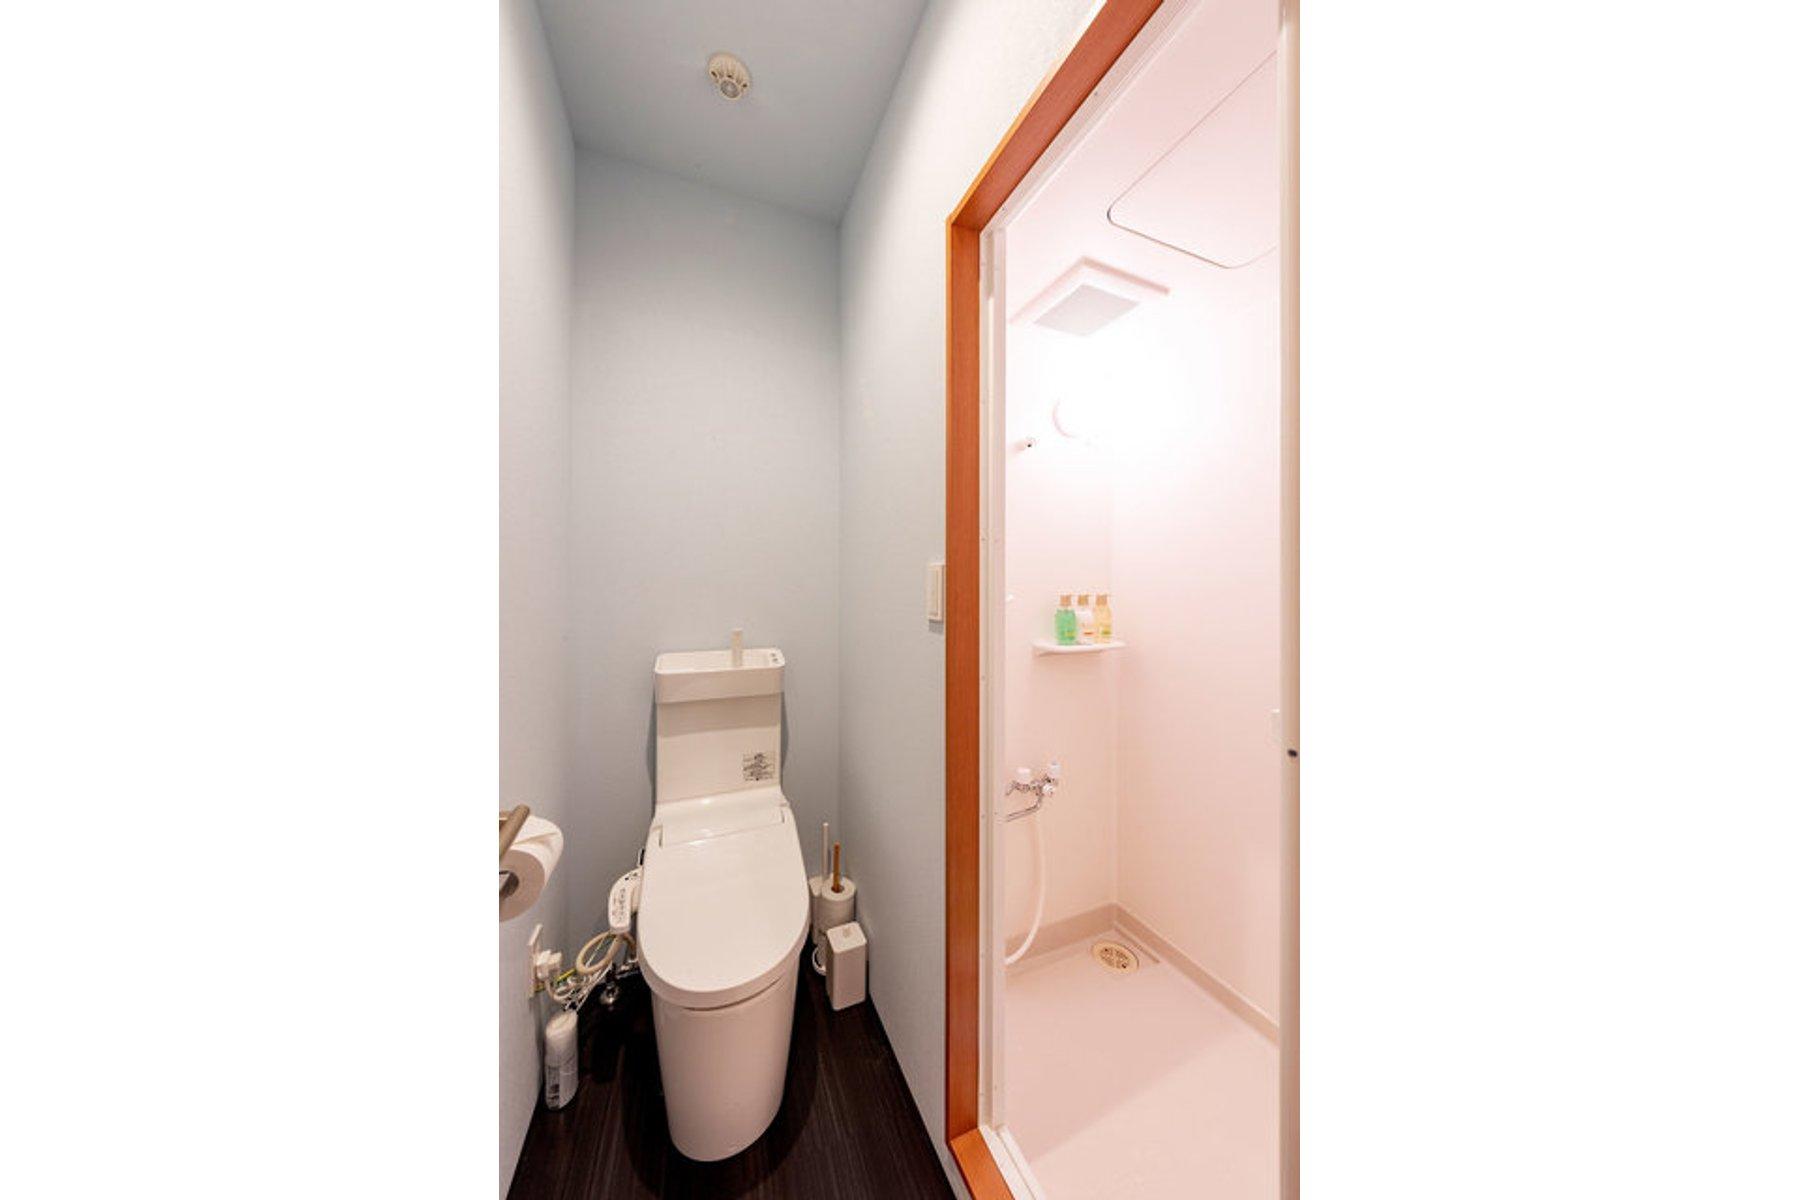 さらにうれしいポイントが、水回り(シャワーブース・トイレ・洗面台)が室内についていること。ほかの方と共用で使うのはちょっと心配、という方でも安心です。手軽に一人暮らしを始められそうですね。